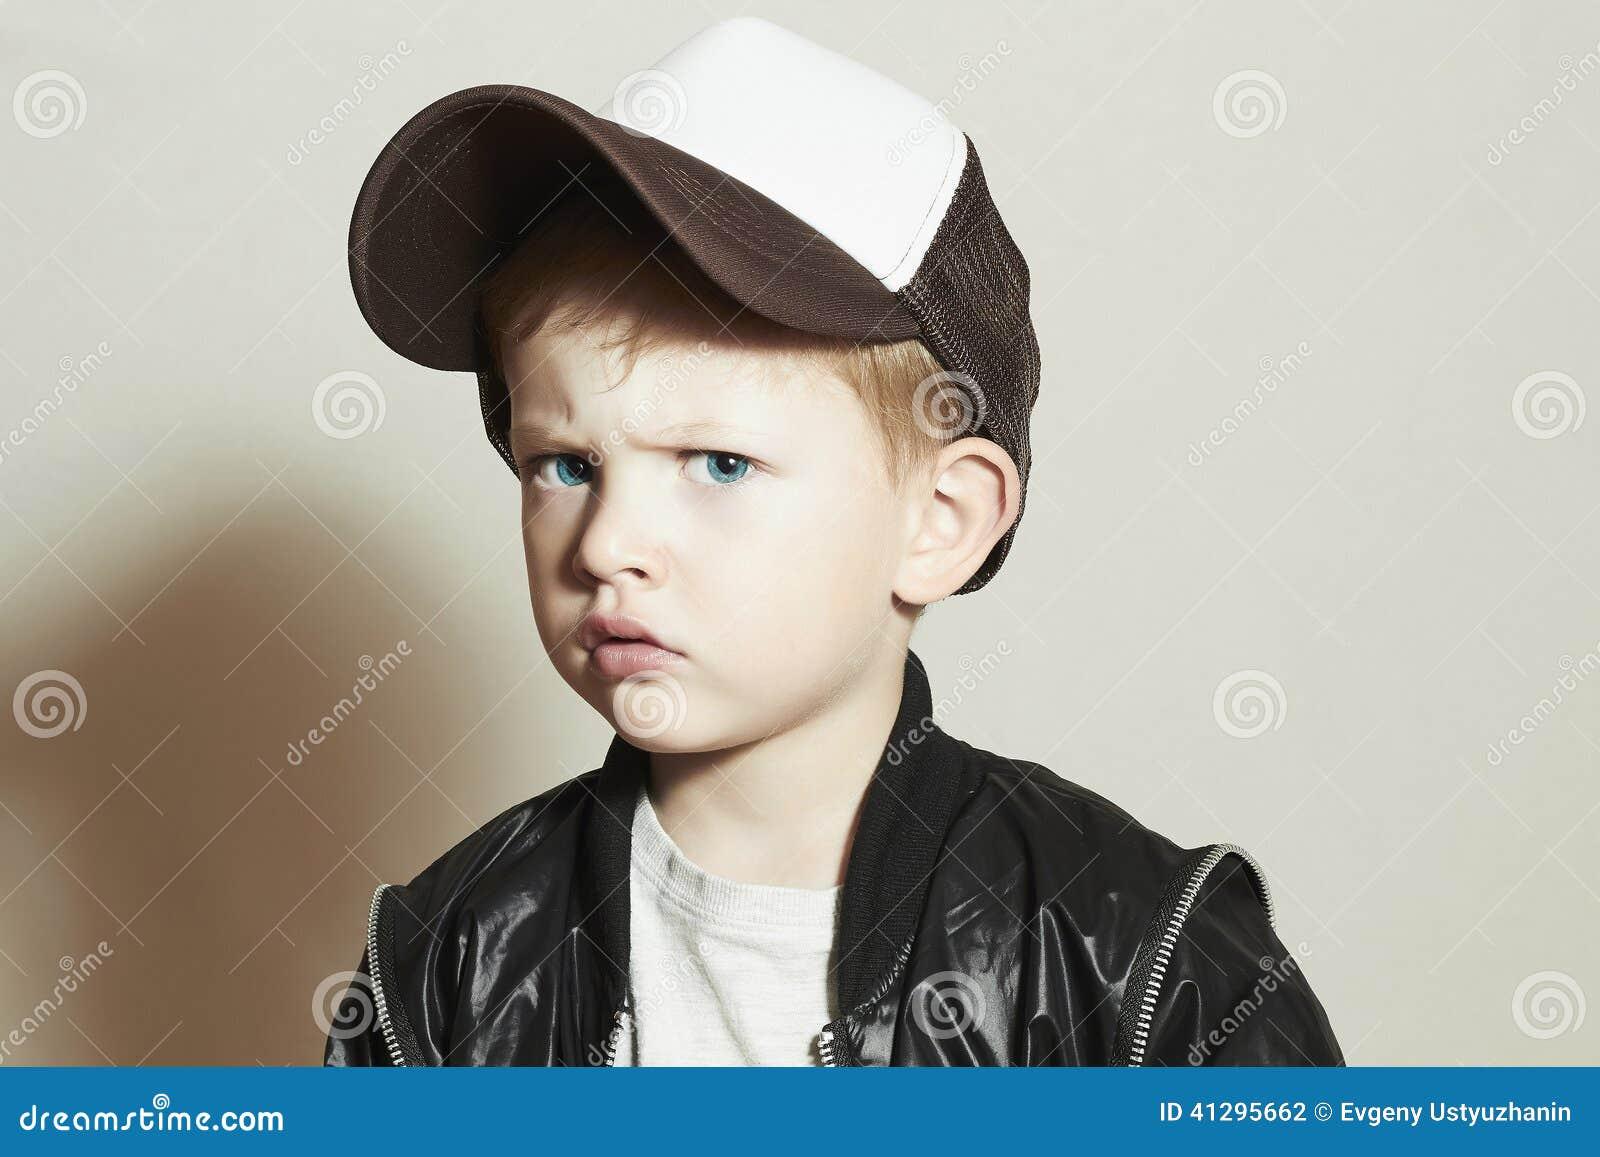 Fashionable Little Children Boy In Tracker Hat